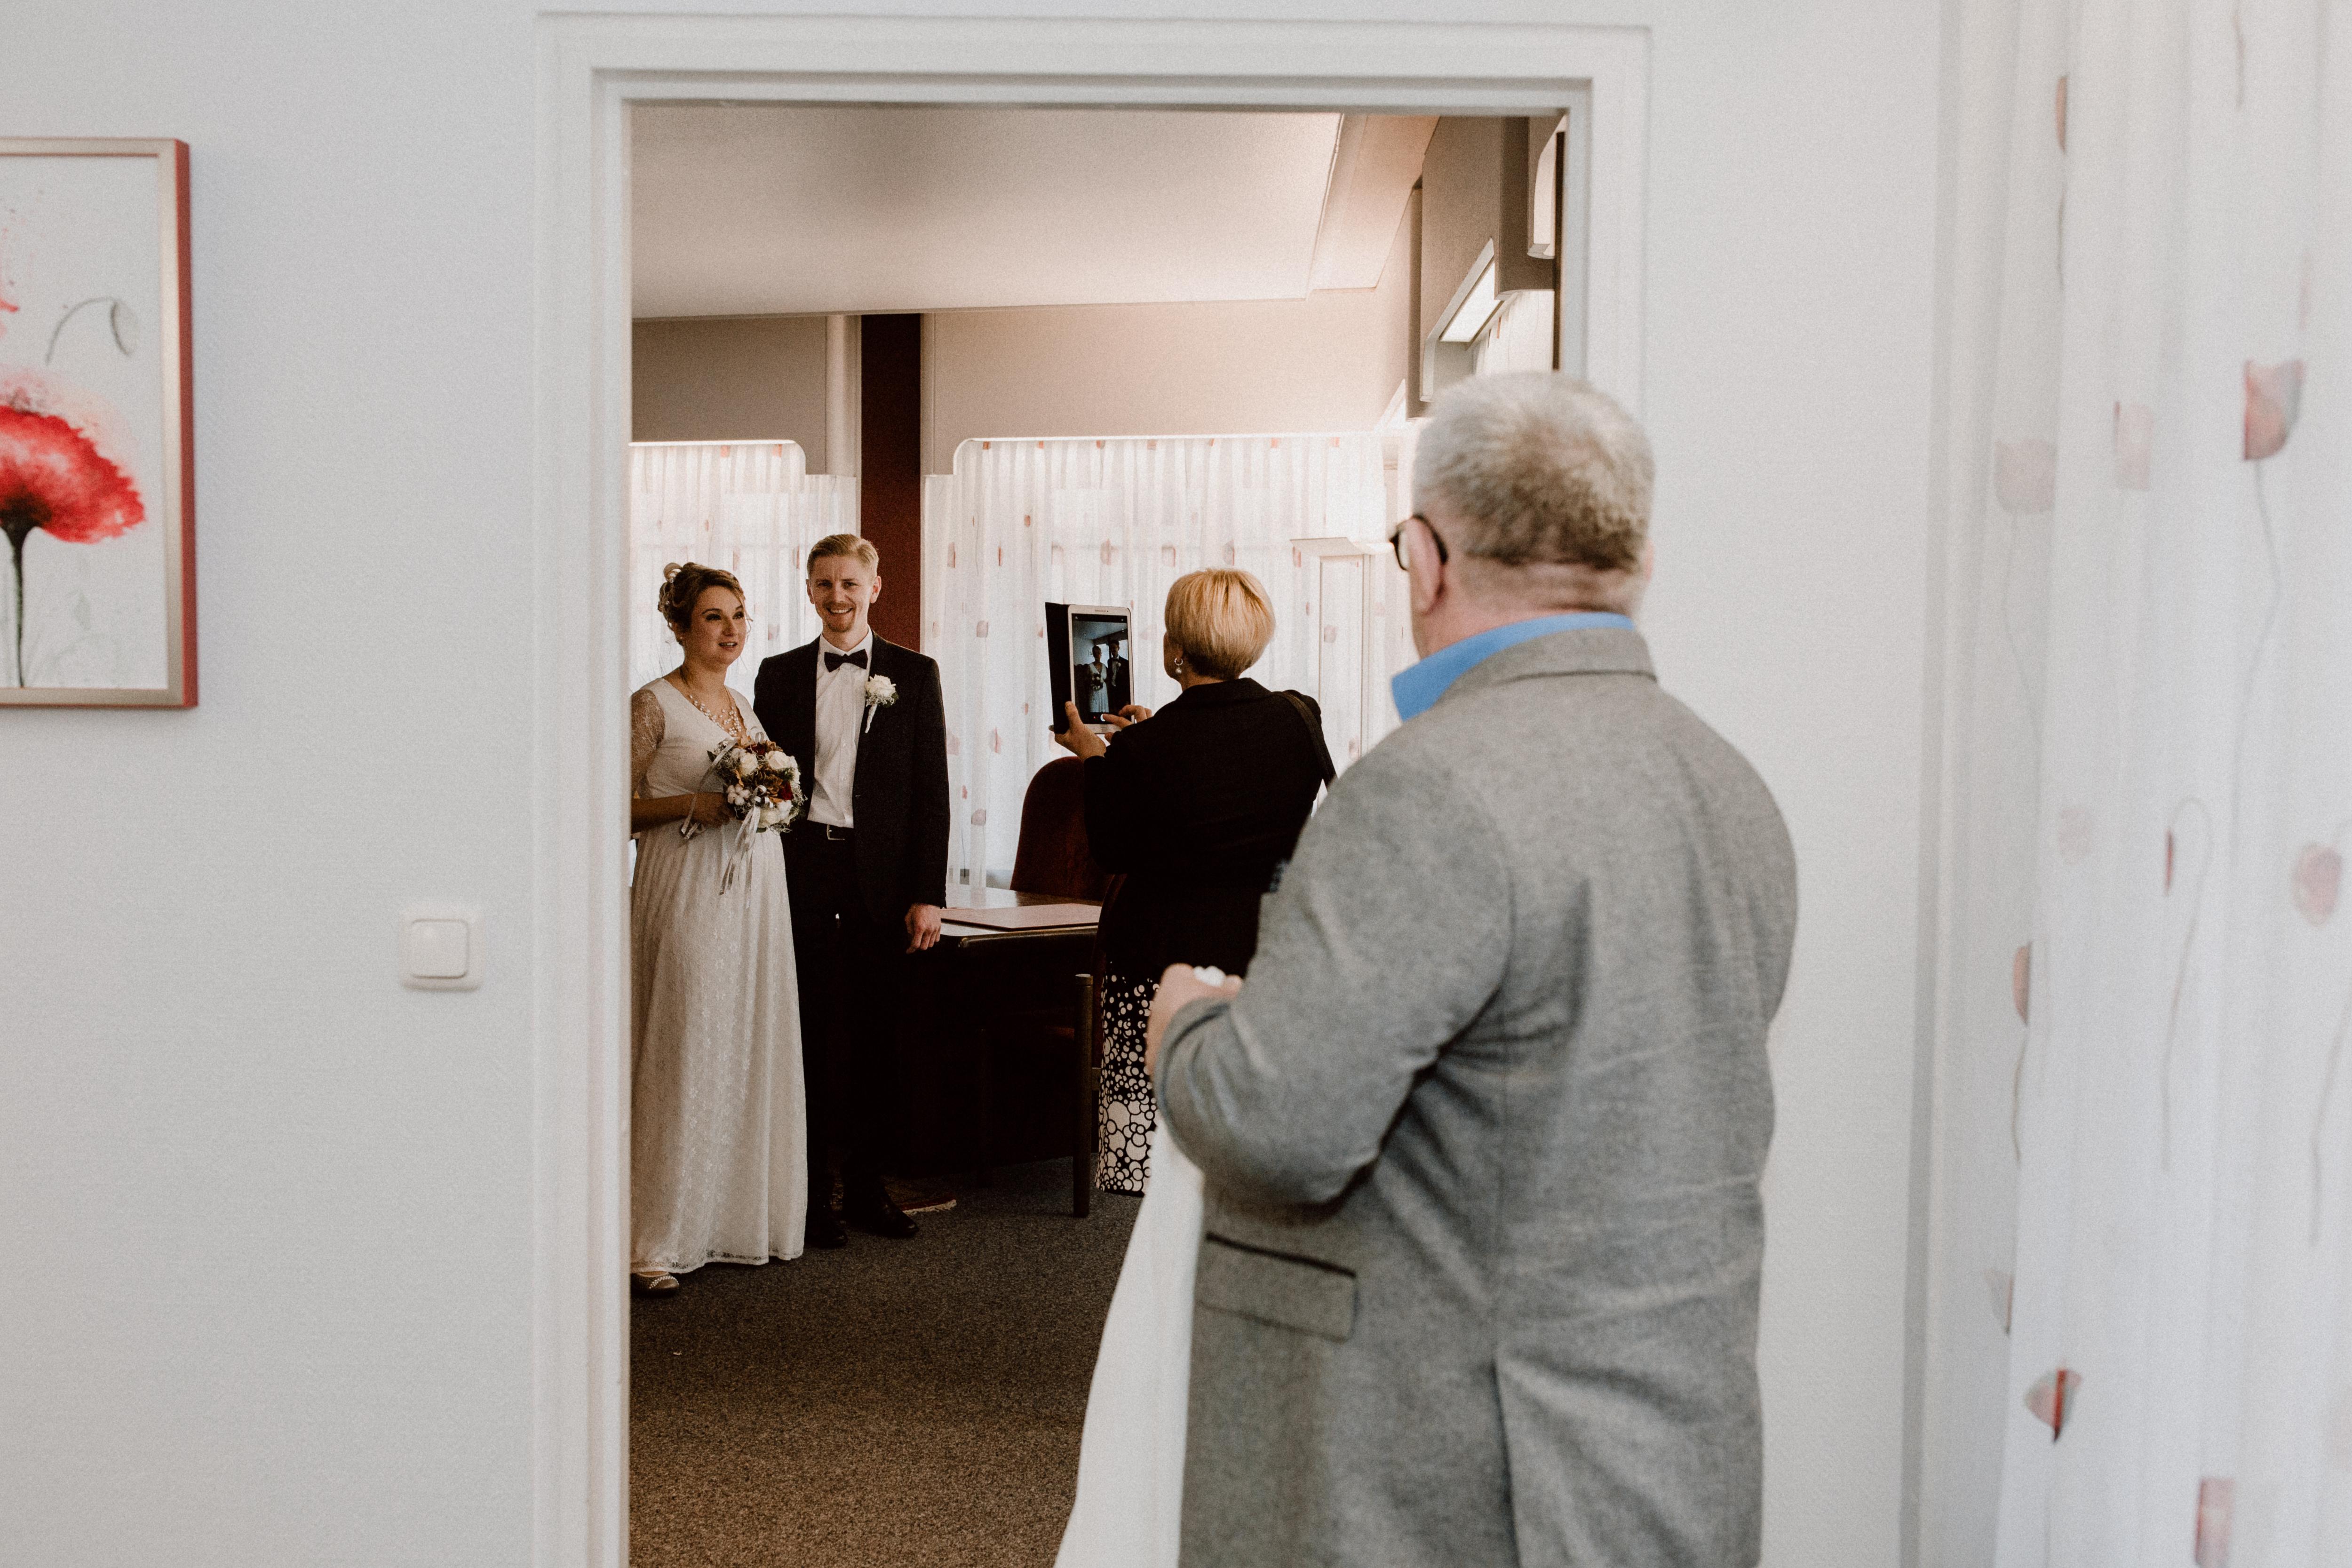 URBANERIE_Daniela_Goth_Hochzeitsfotografin_Nürnberg_Fürth_Erlangen_Schwabach_171110_0238